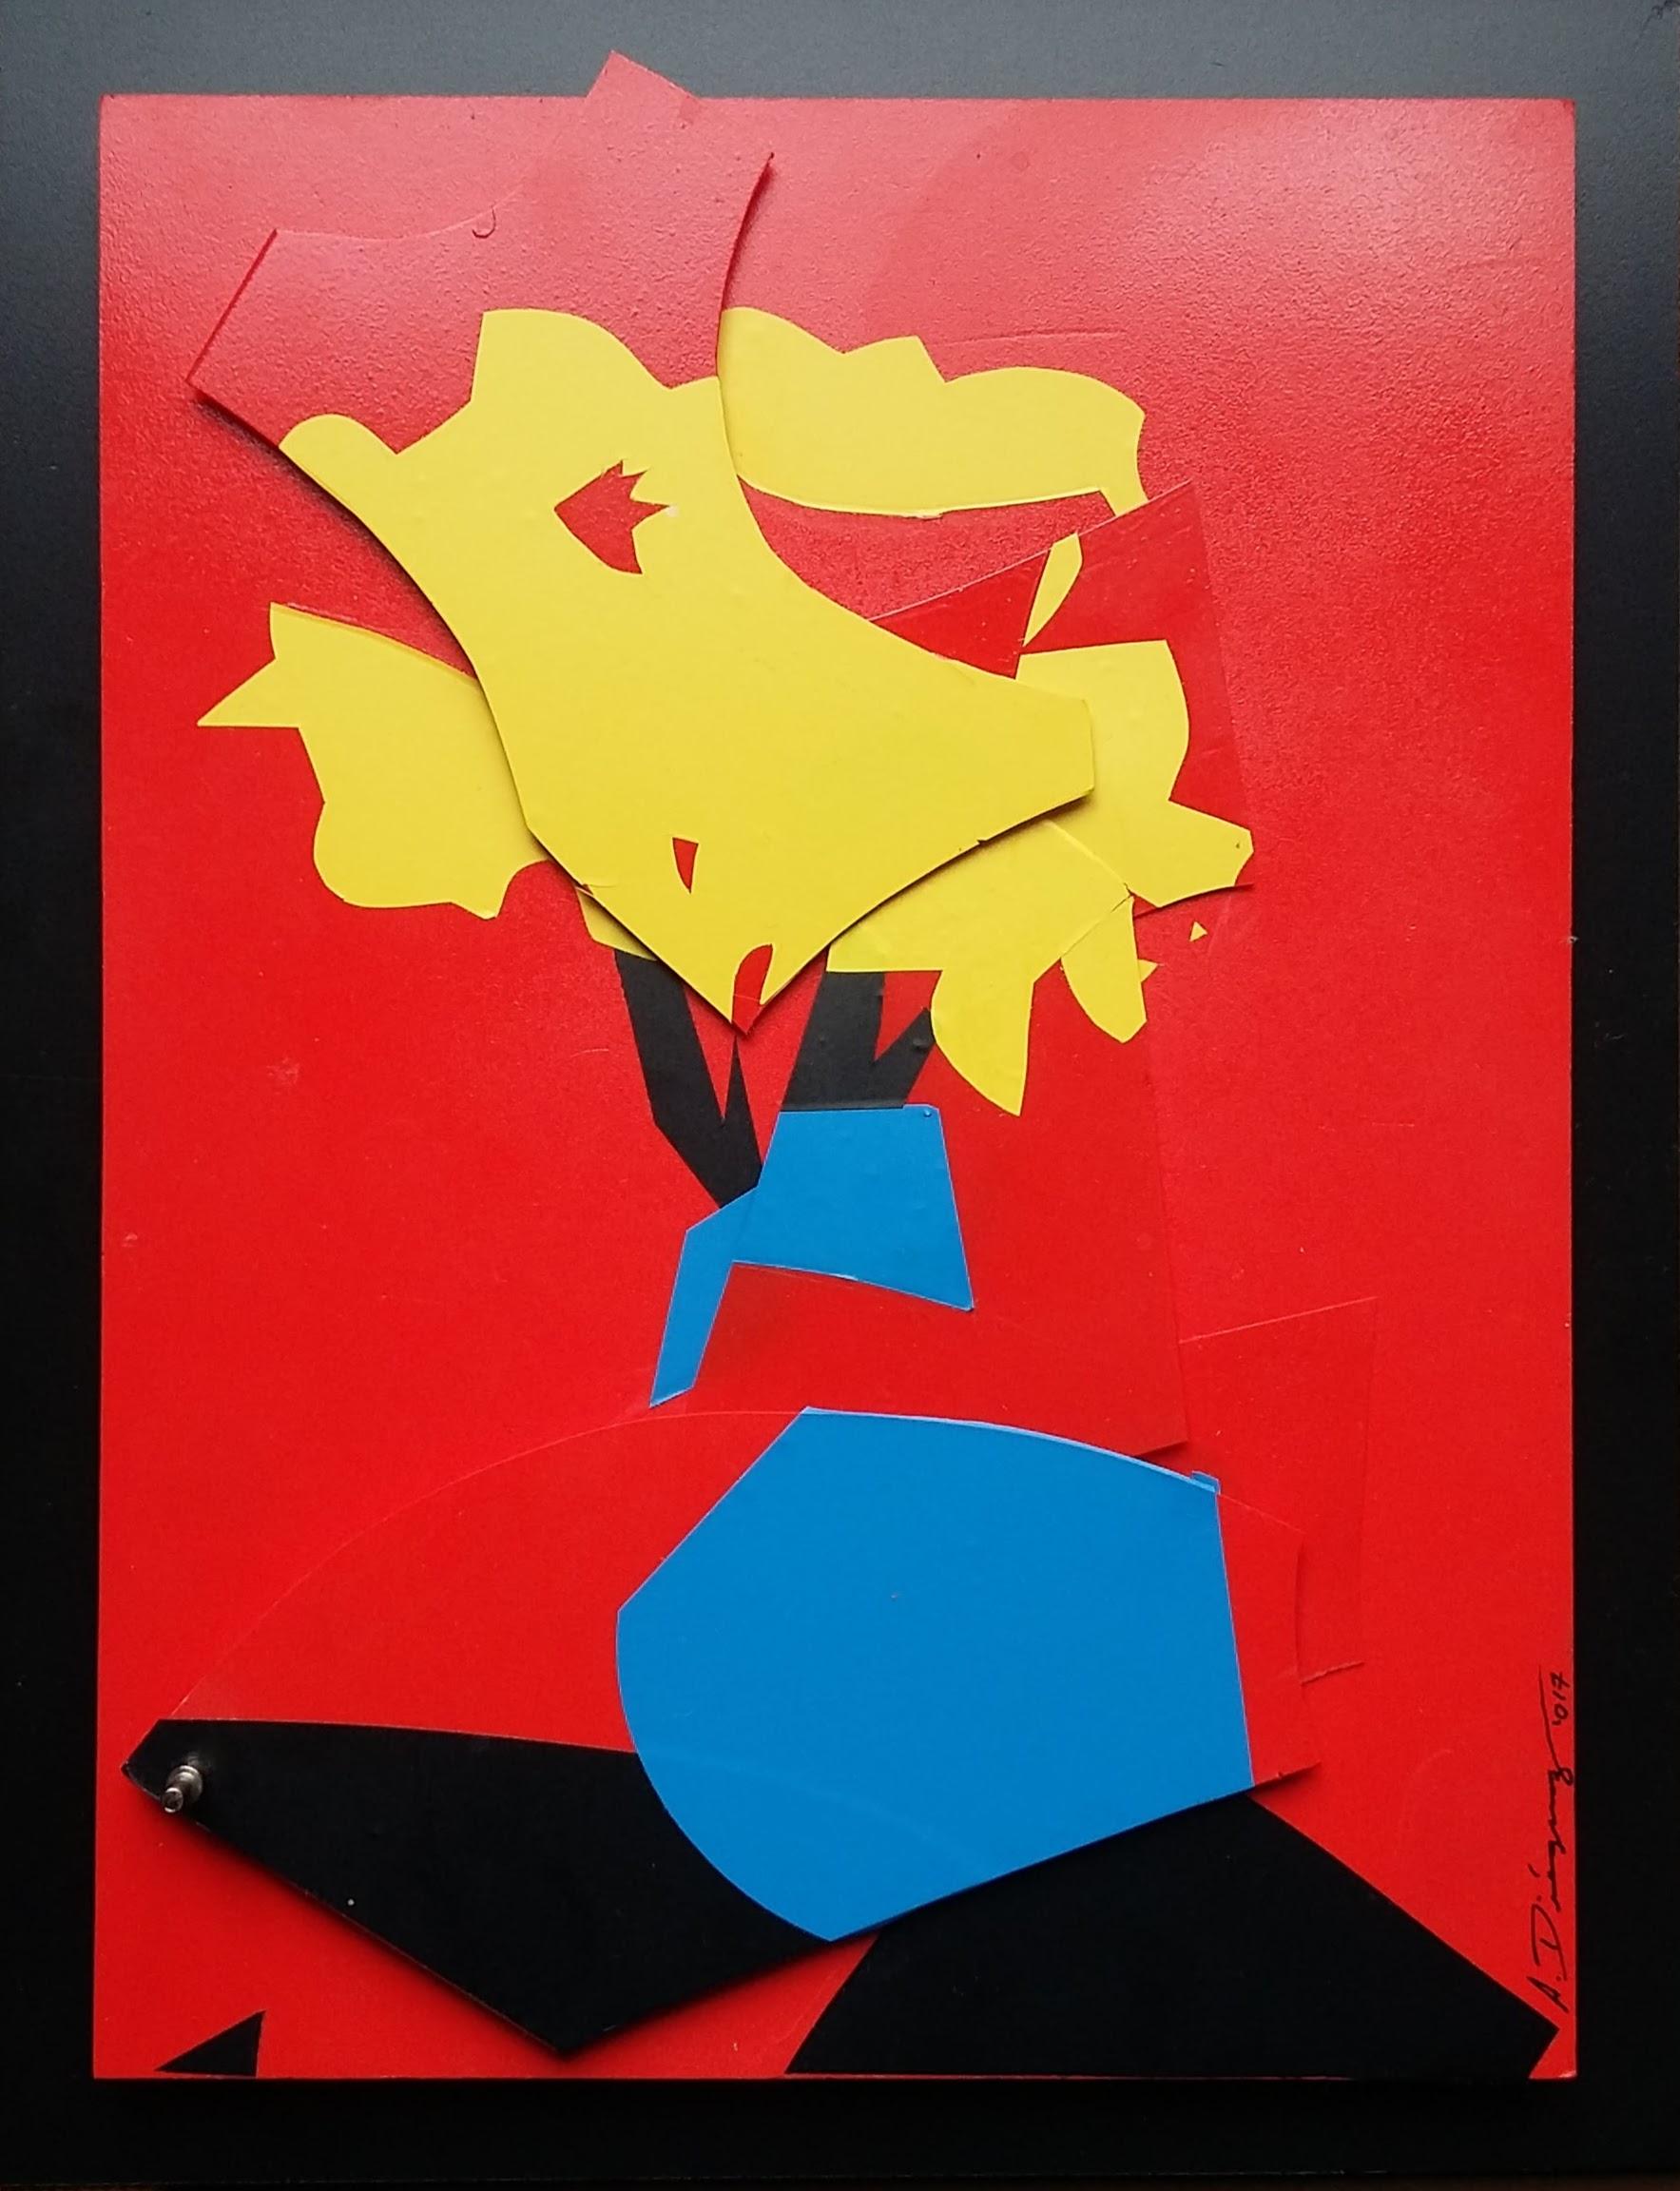 El movimiento como una expresión de arte. El artista logra contrastar la simplicidad y el color